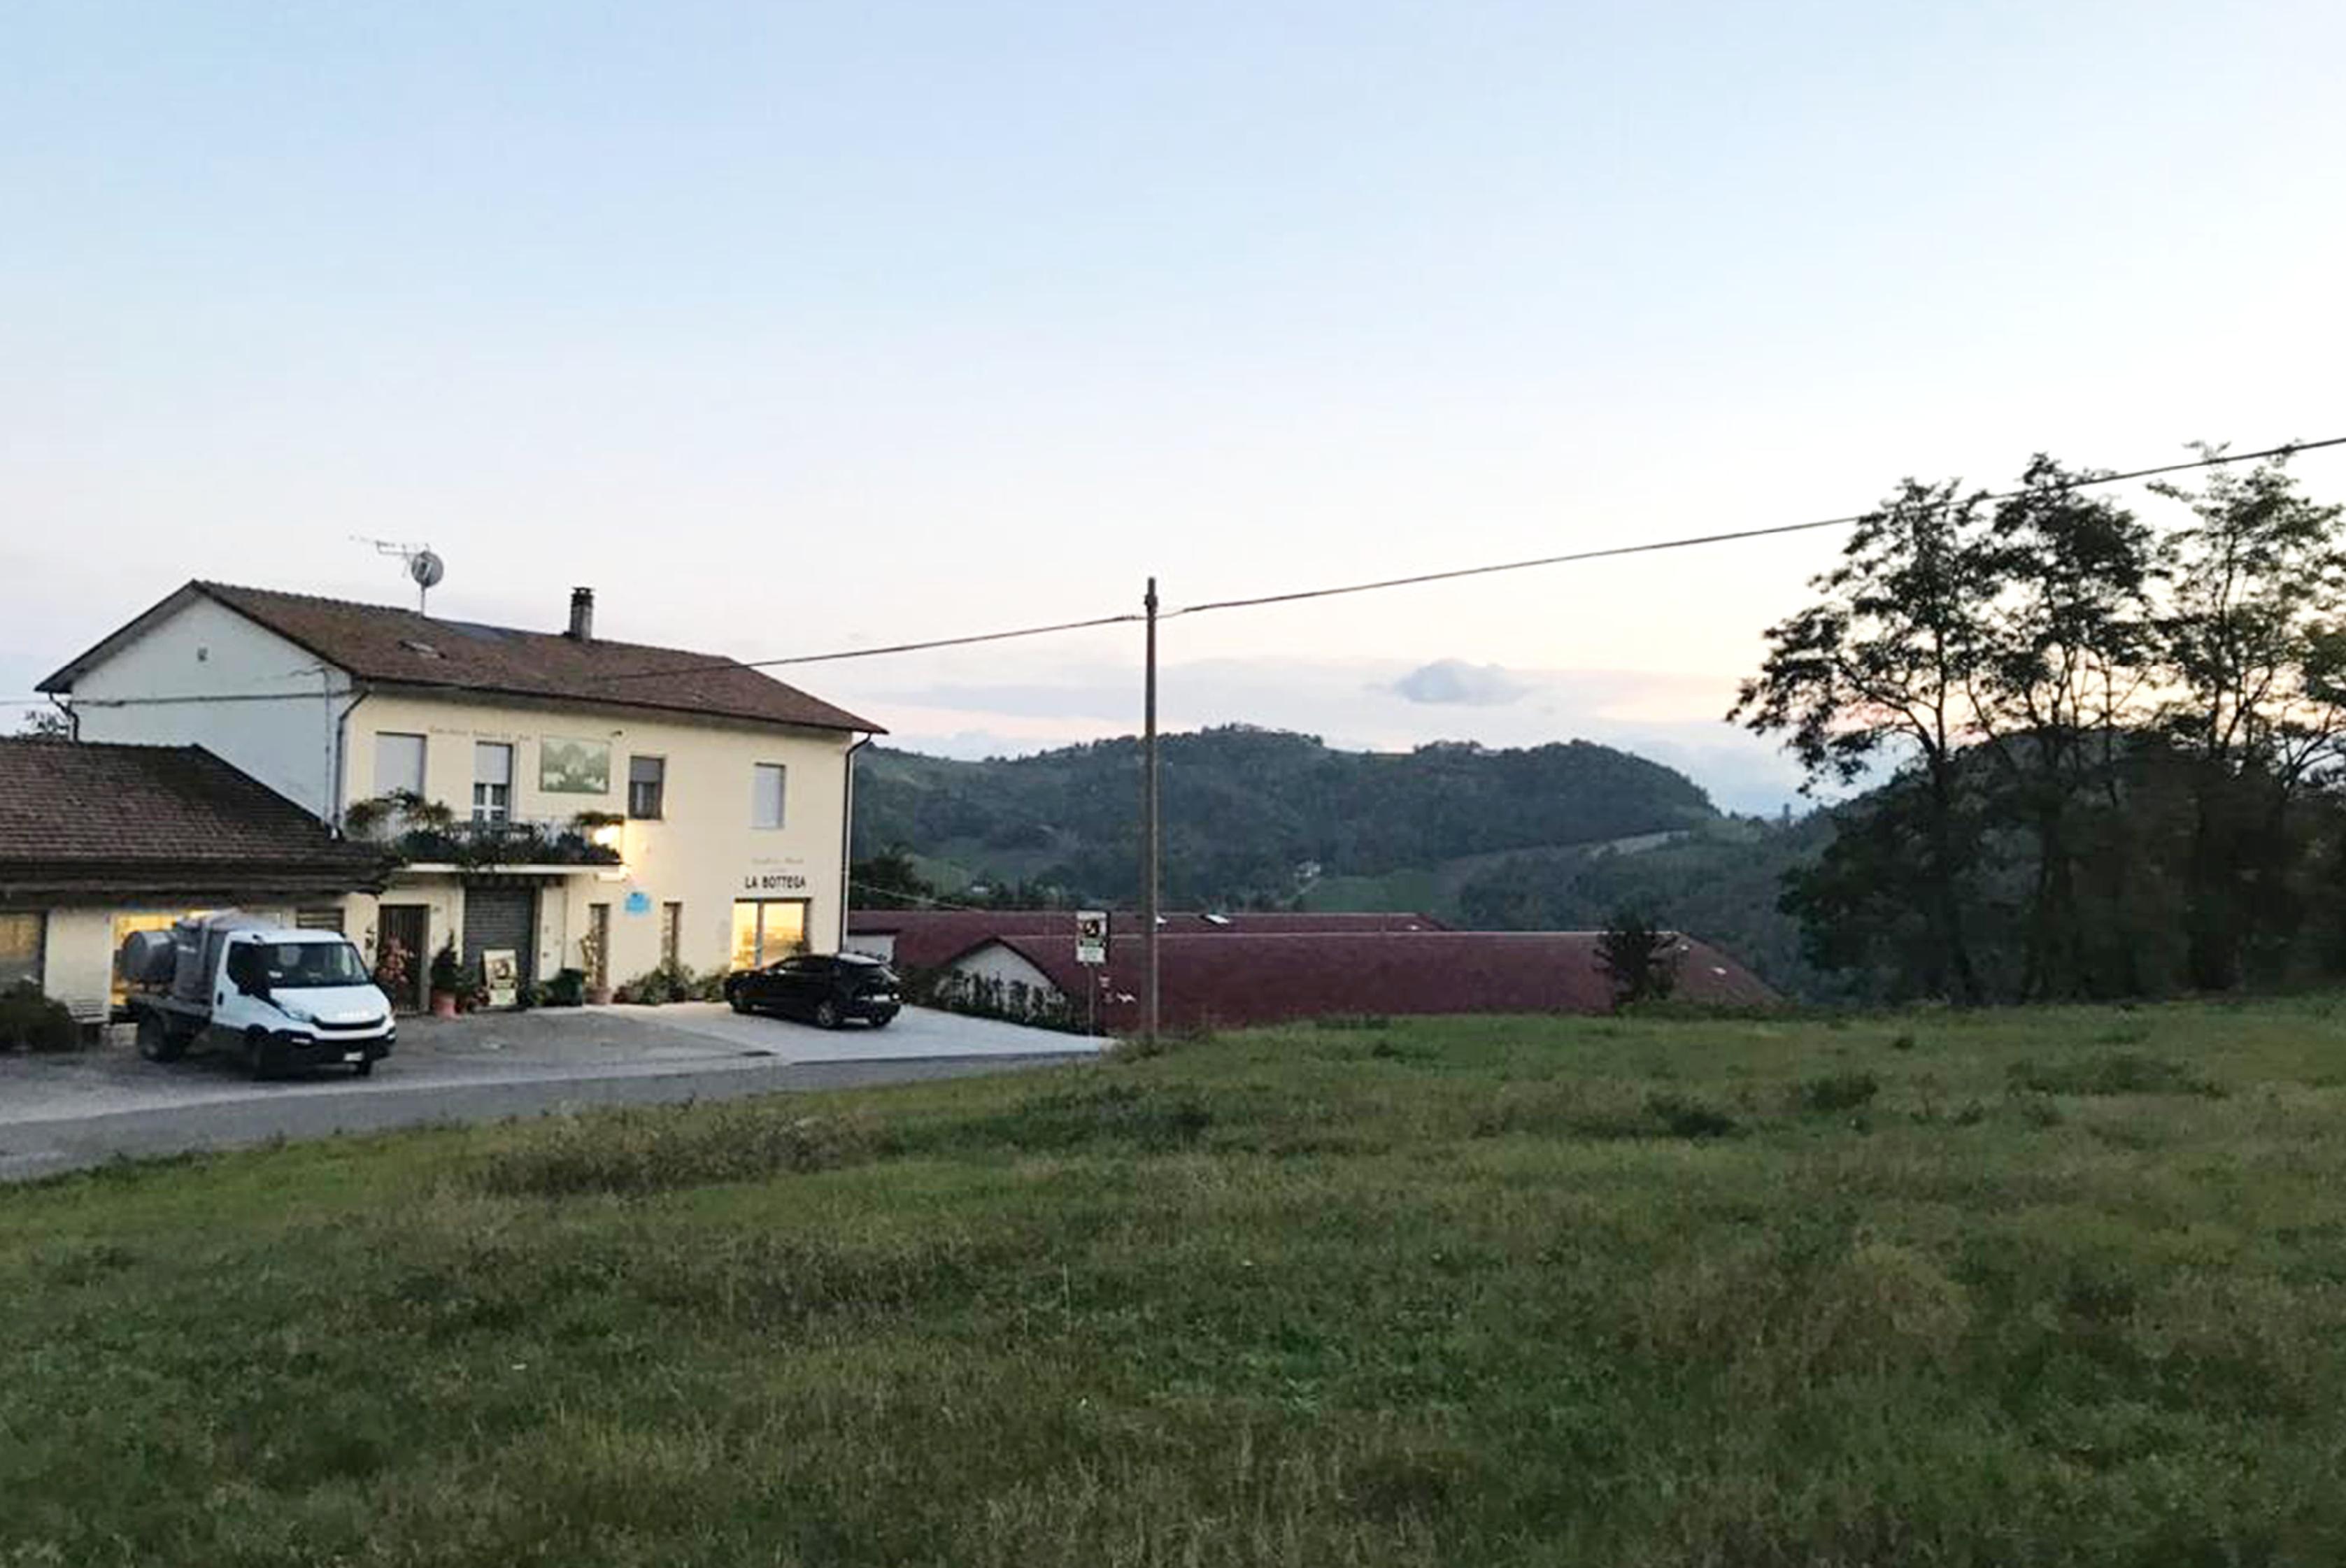 Image https://shop.parmigianoreggiano.com/media/contentmanager/content/Caseificio.jpg